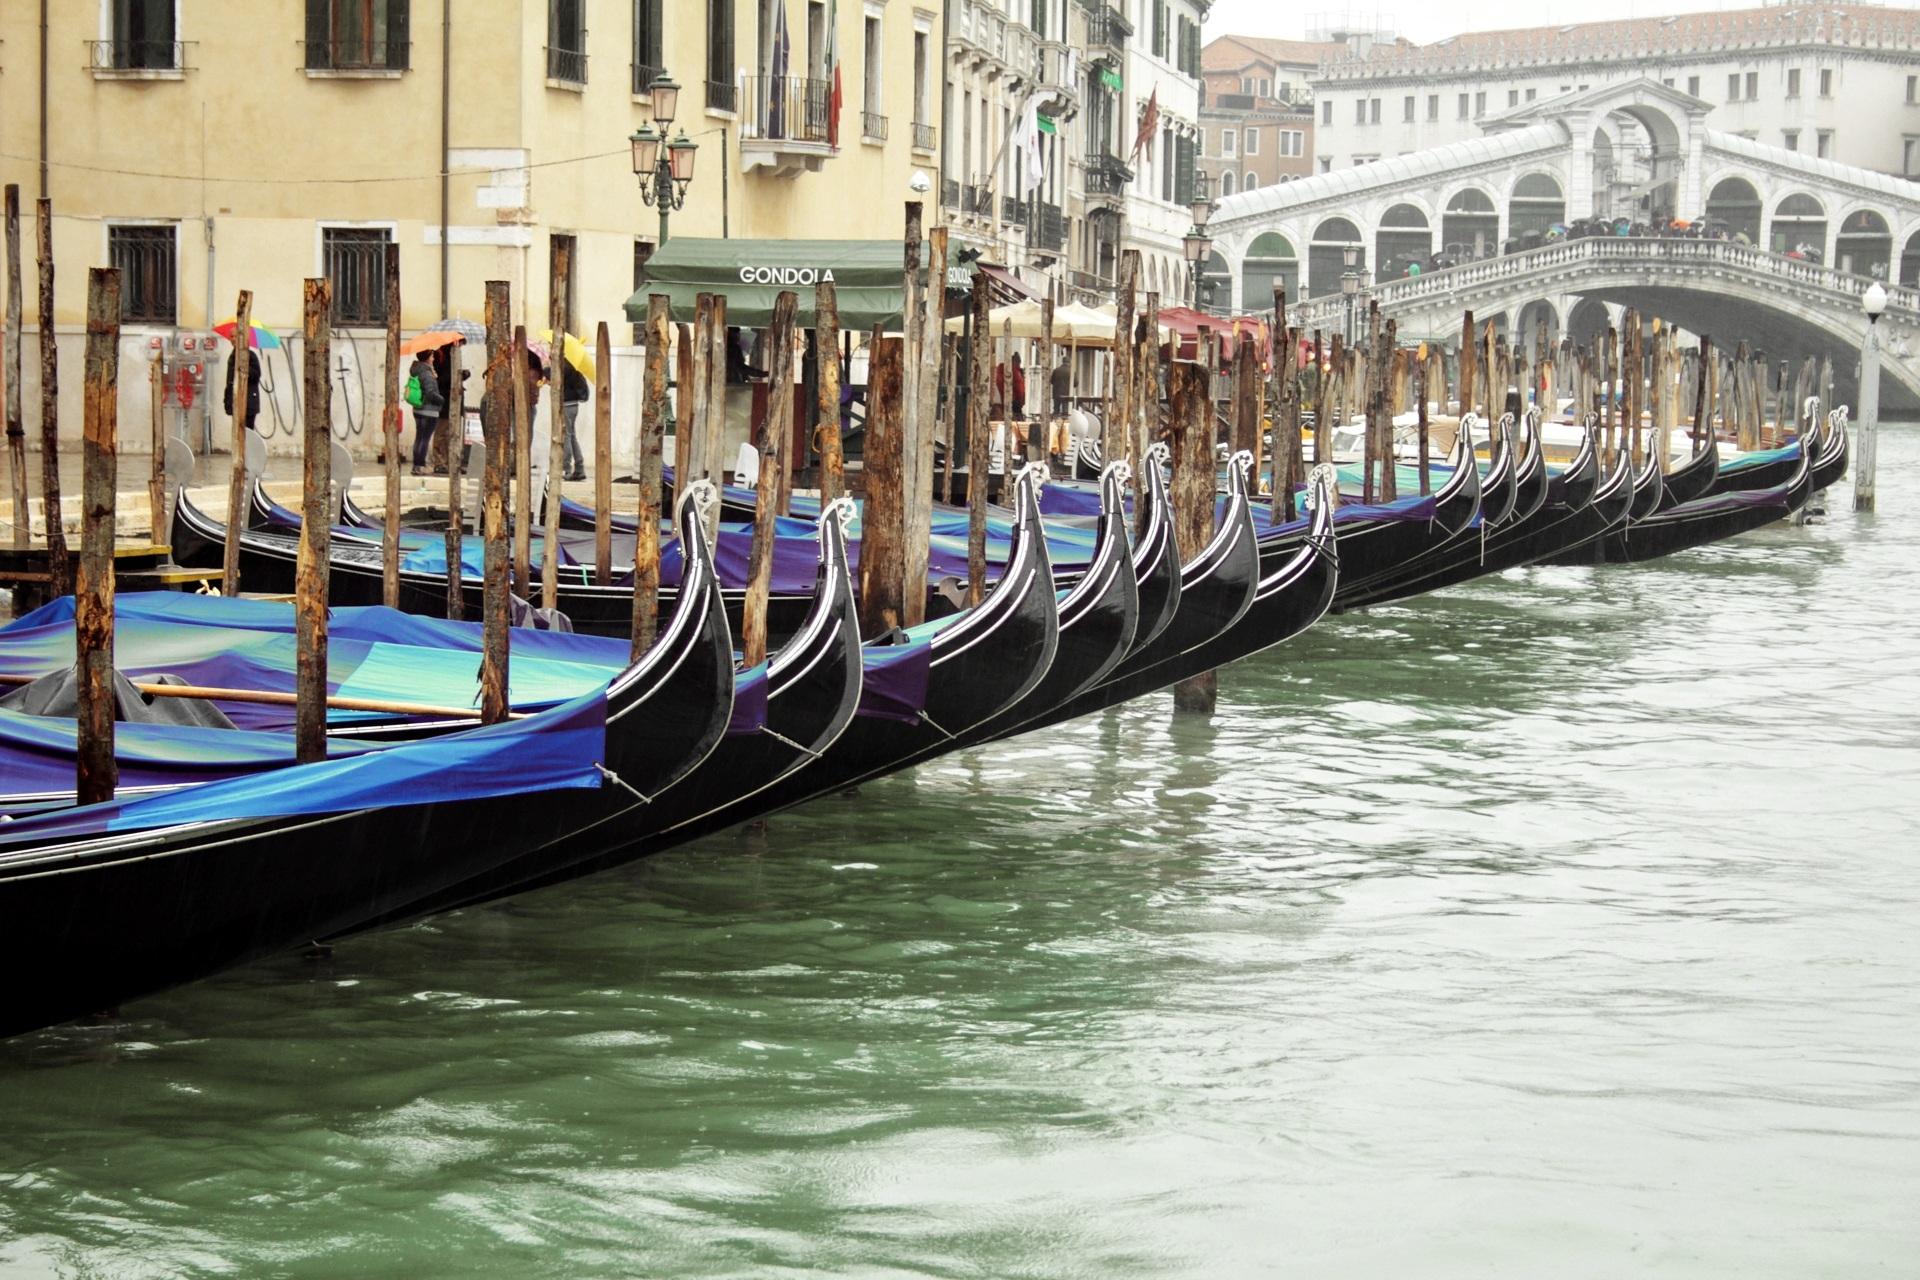 италия лодки картинки микропигментирование, время которого